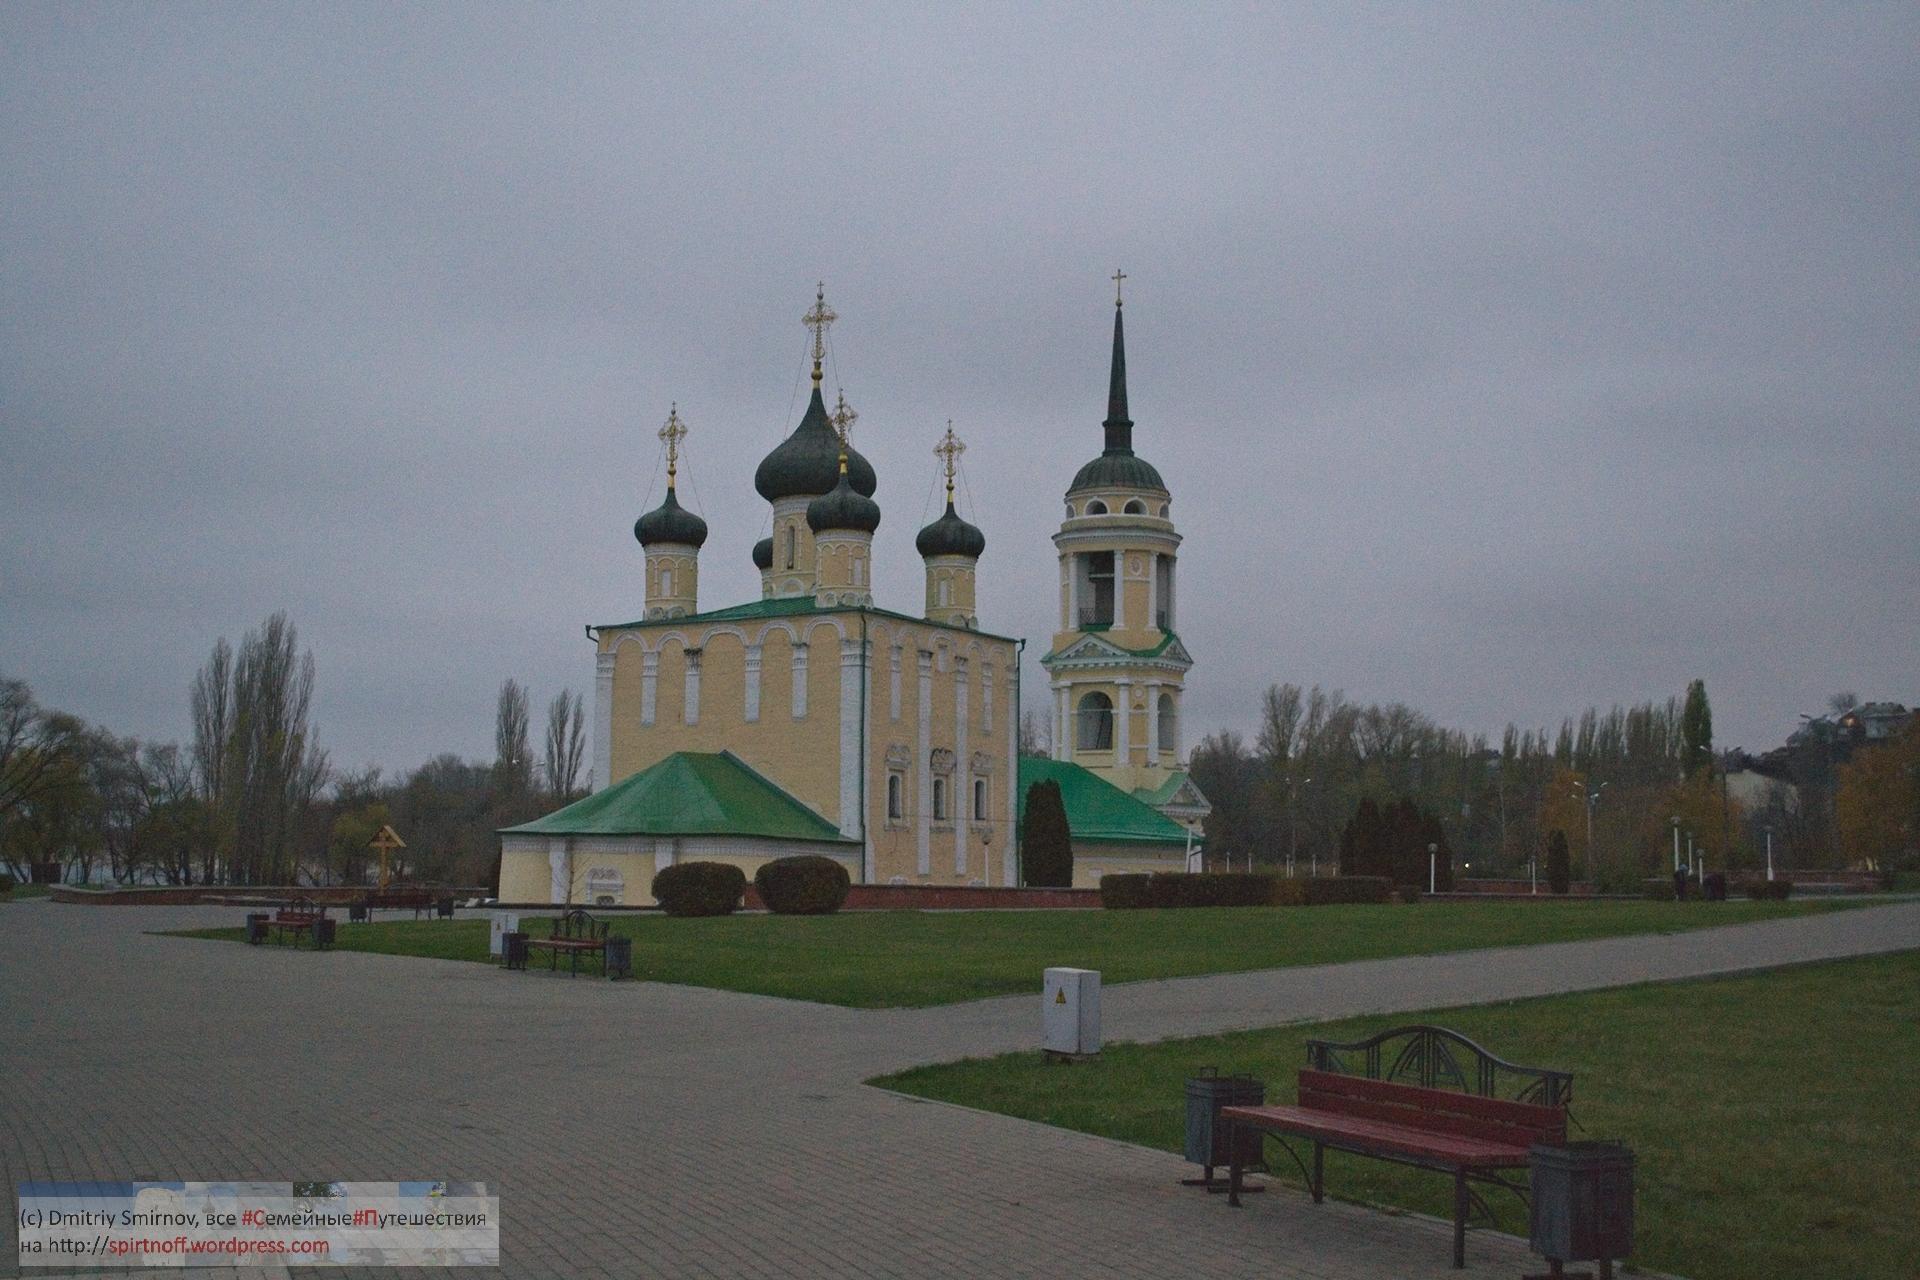 DSC_8783-231-Blog-54 Путешествия  Воронеж. Портал в соседнее измерение